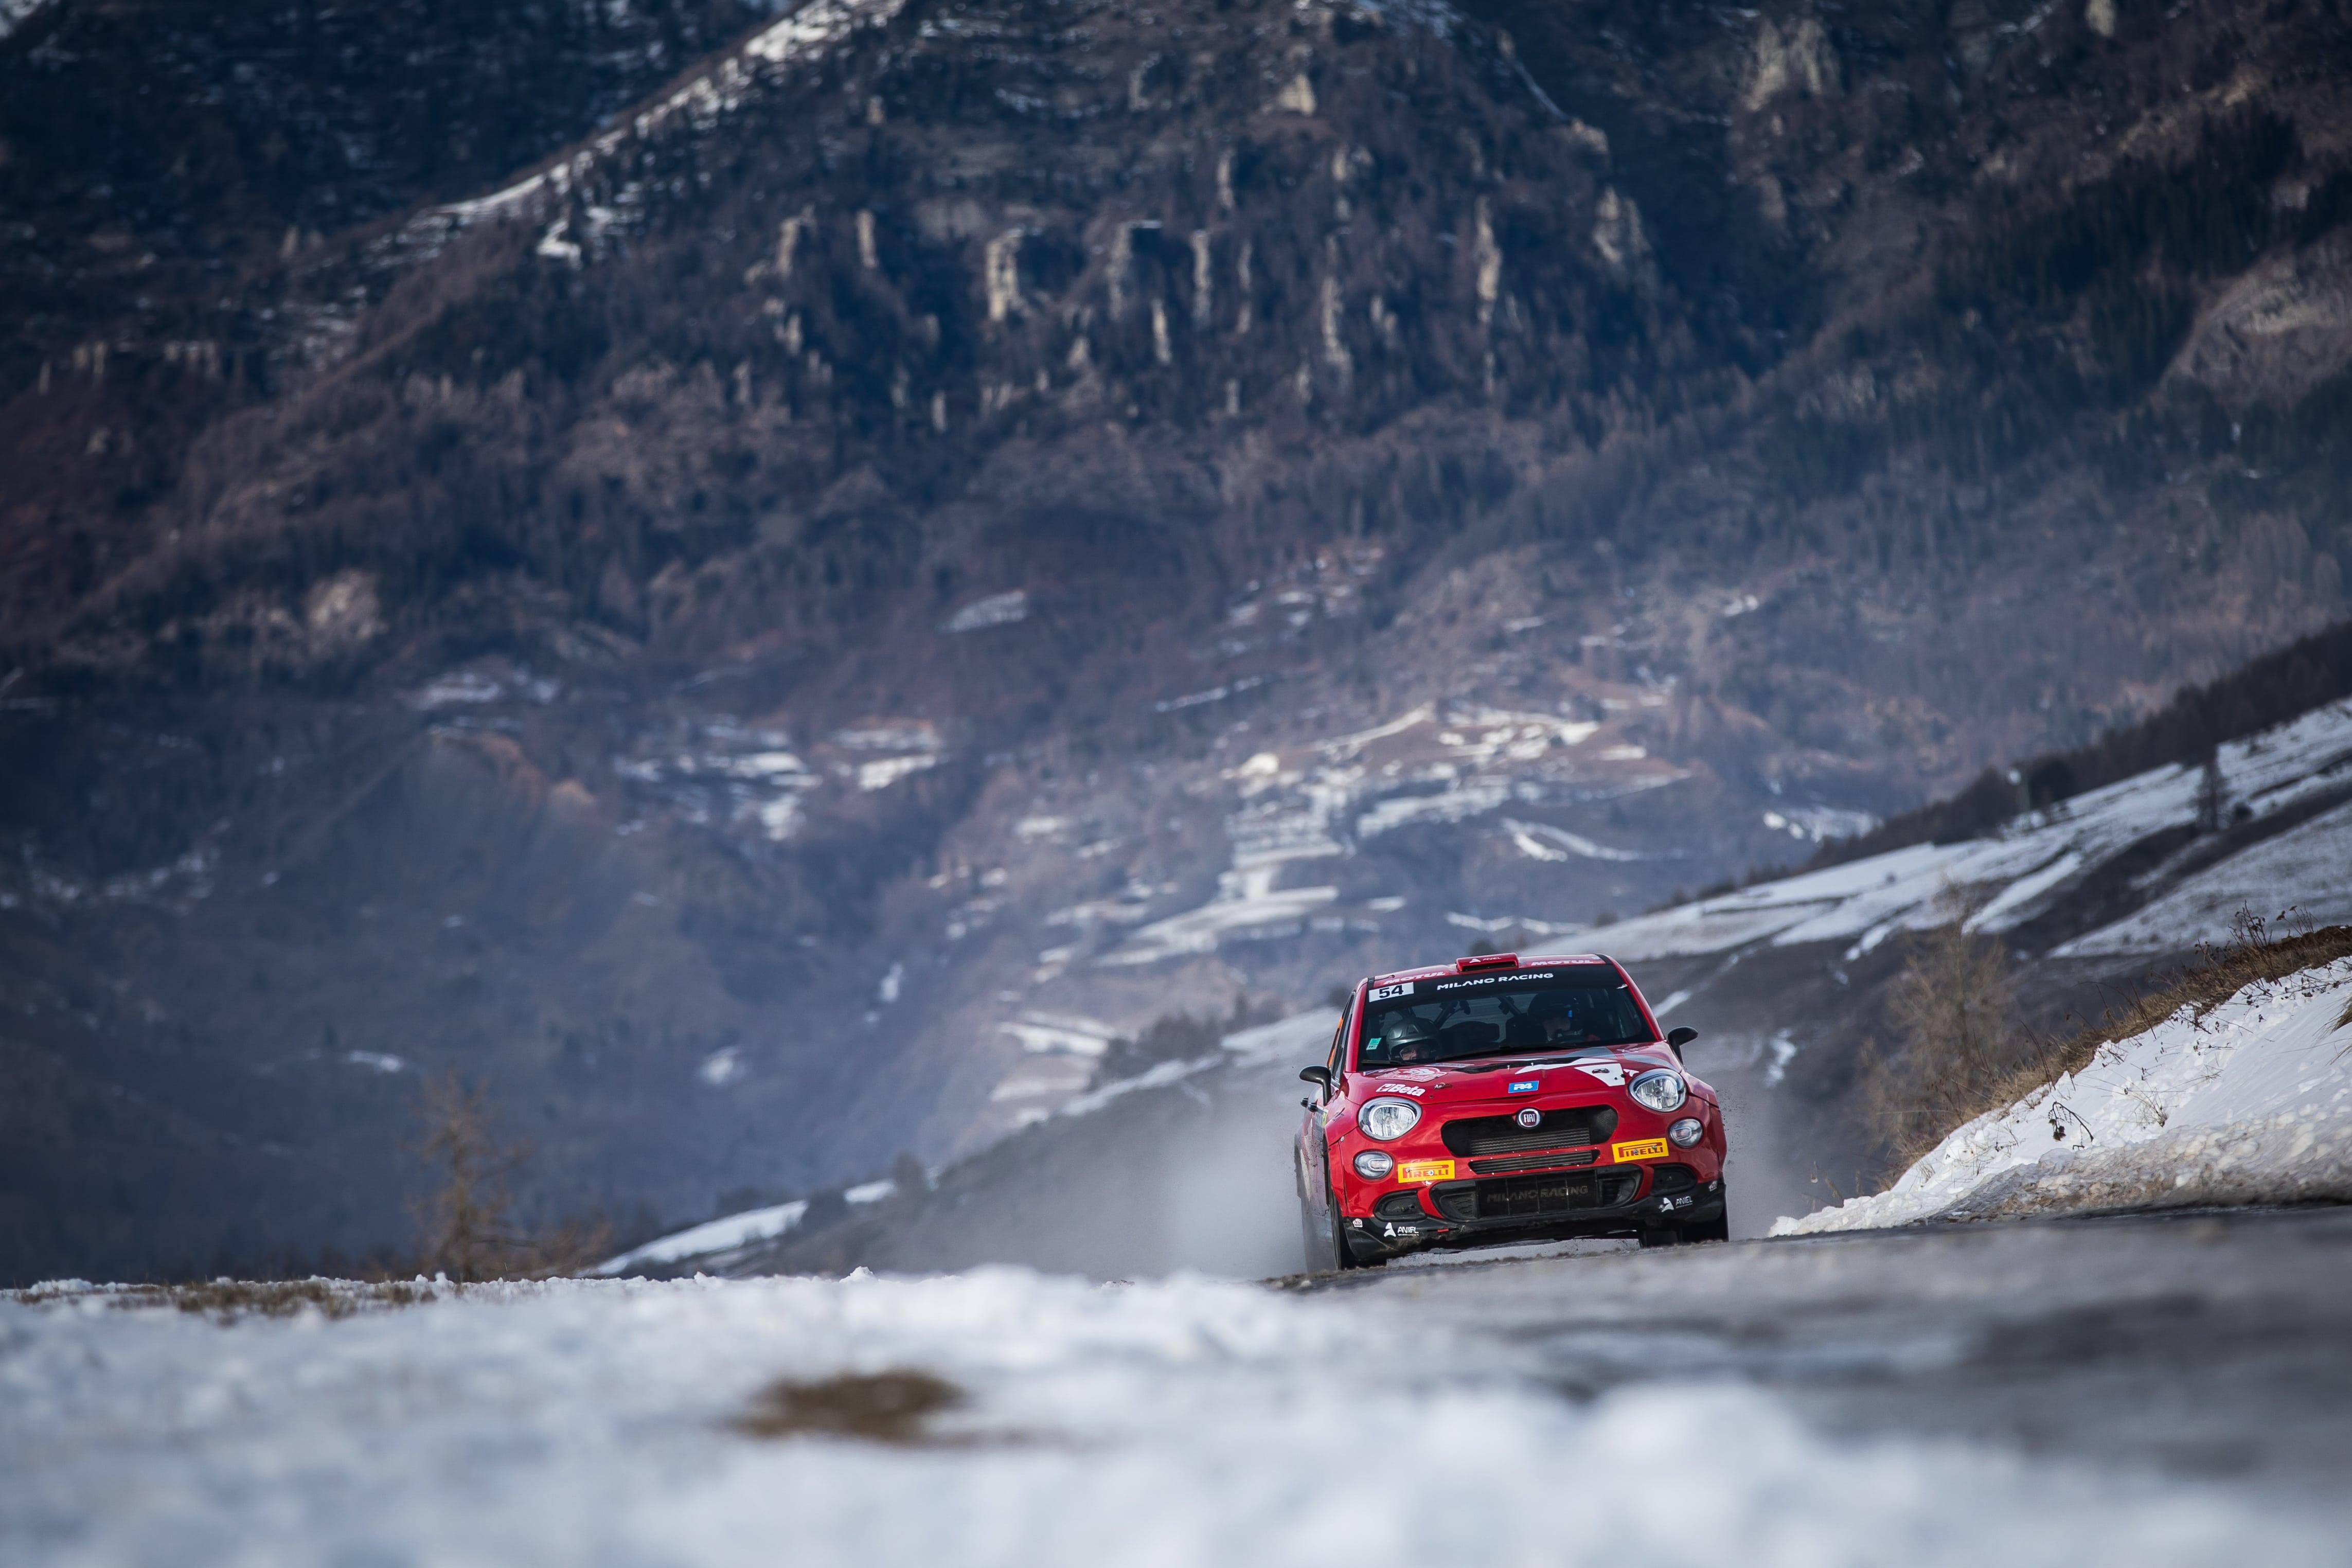 Rallye compétition